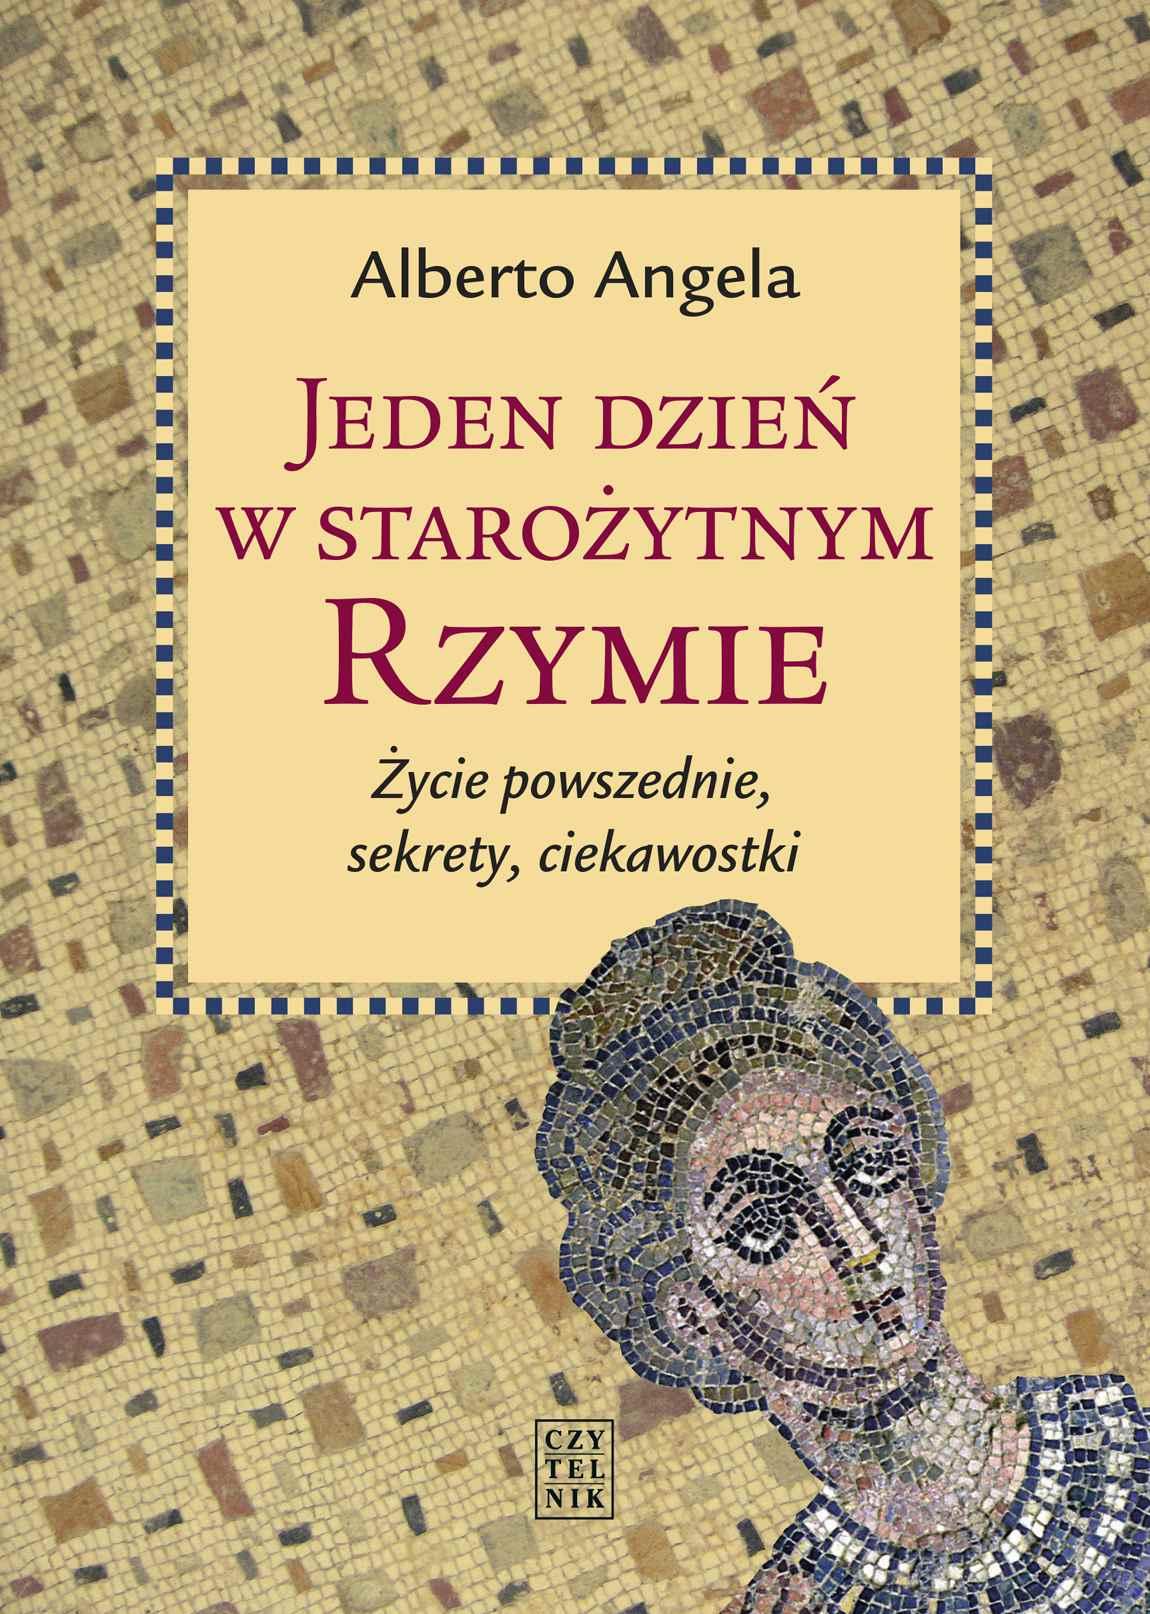 Jeden dzień w starożytnym Rzymie. Życie powszednie, sekrety, ciekawostki - Ebook (Książka EPUB) do pobrania w formacie EPUB